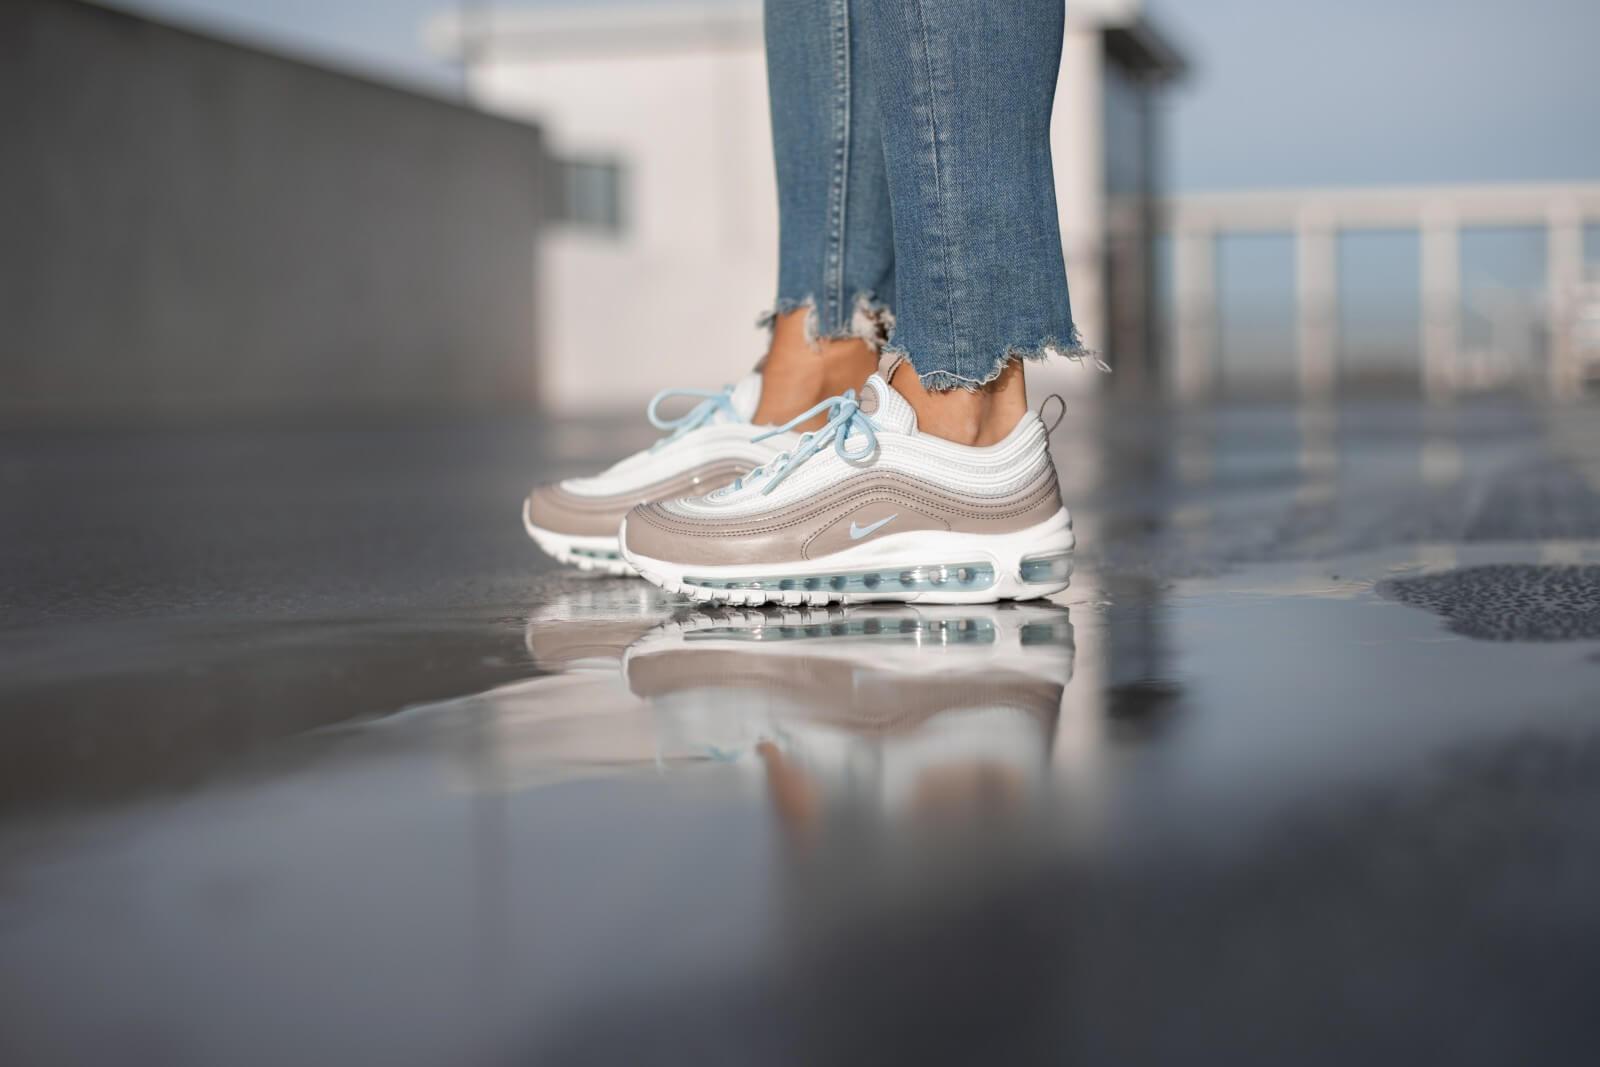 Nike Women S Air Max 97 Spruce Aura Celestine Blue Pumice 921733 018